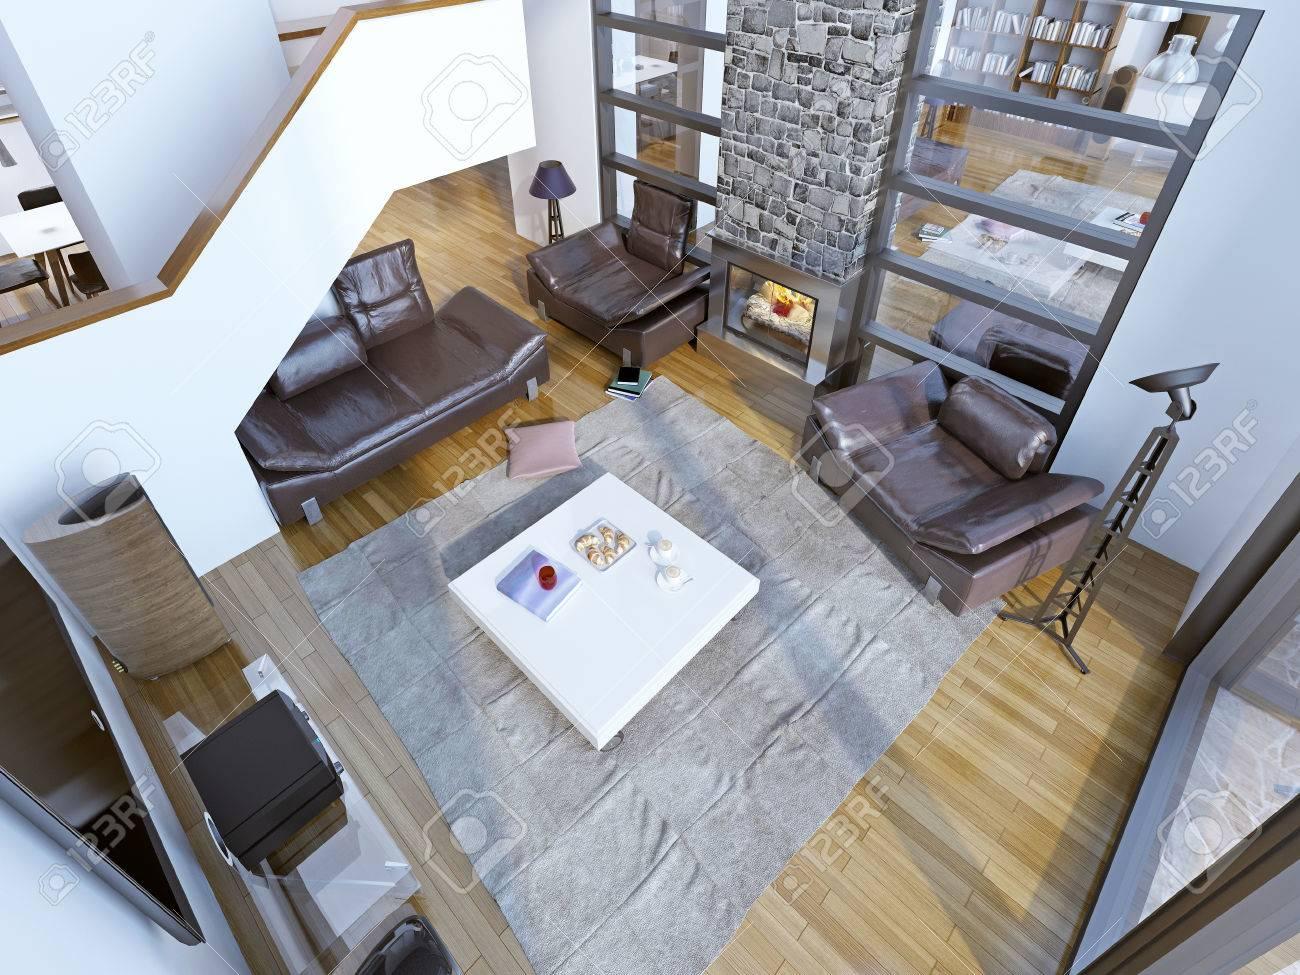 Idee Der Modernen High Decke Wohnzimmer. Wohnzimmer Mit Ledermöbeln, Weißen  Tisch In Der